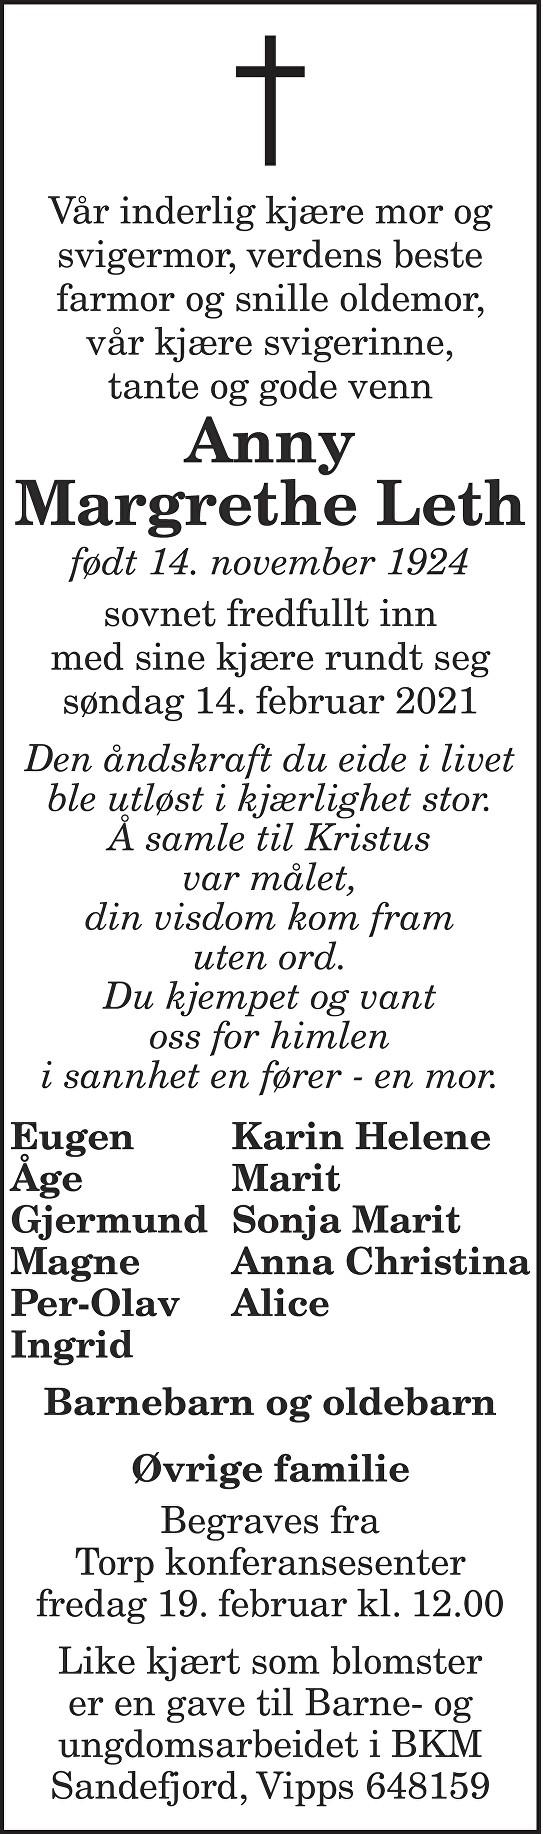 Anny Margrethe Leth Dødsannonse